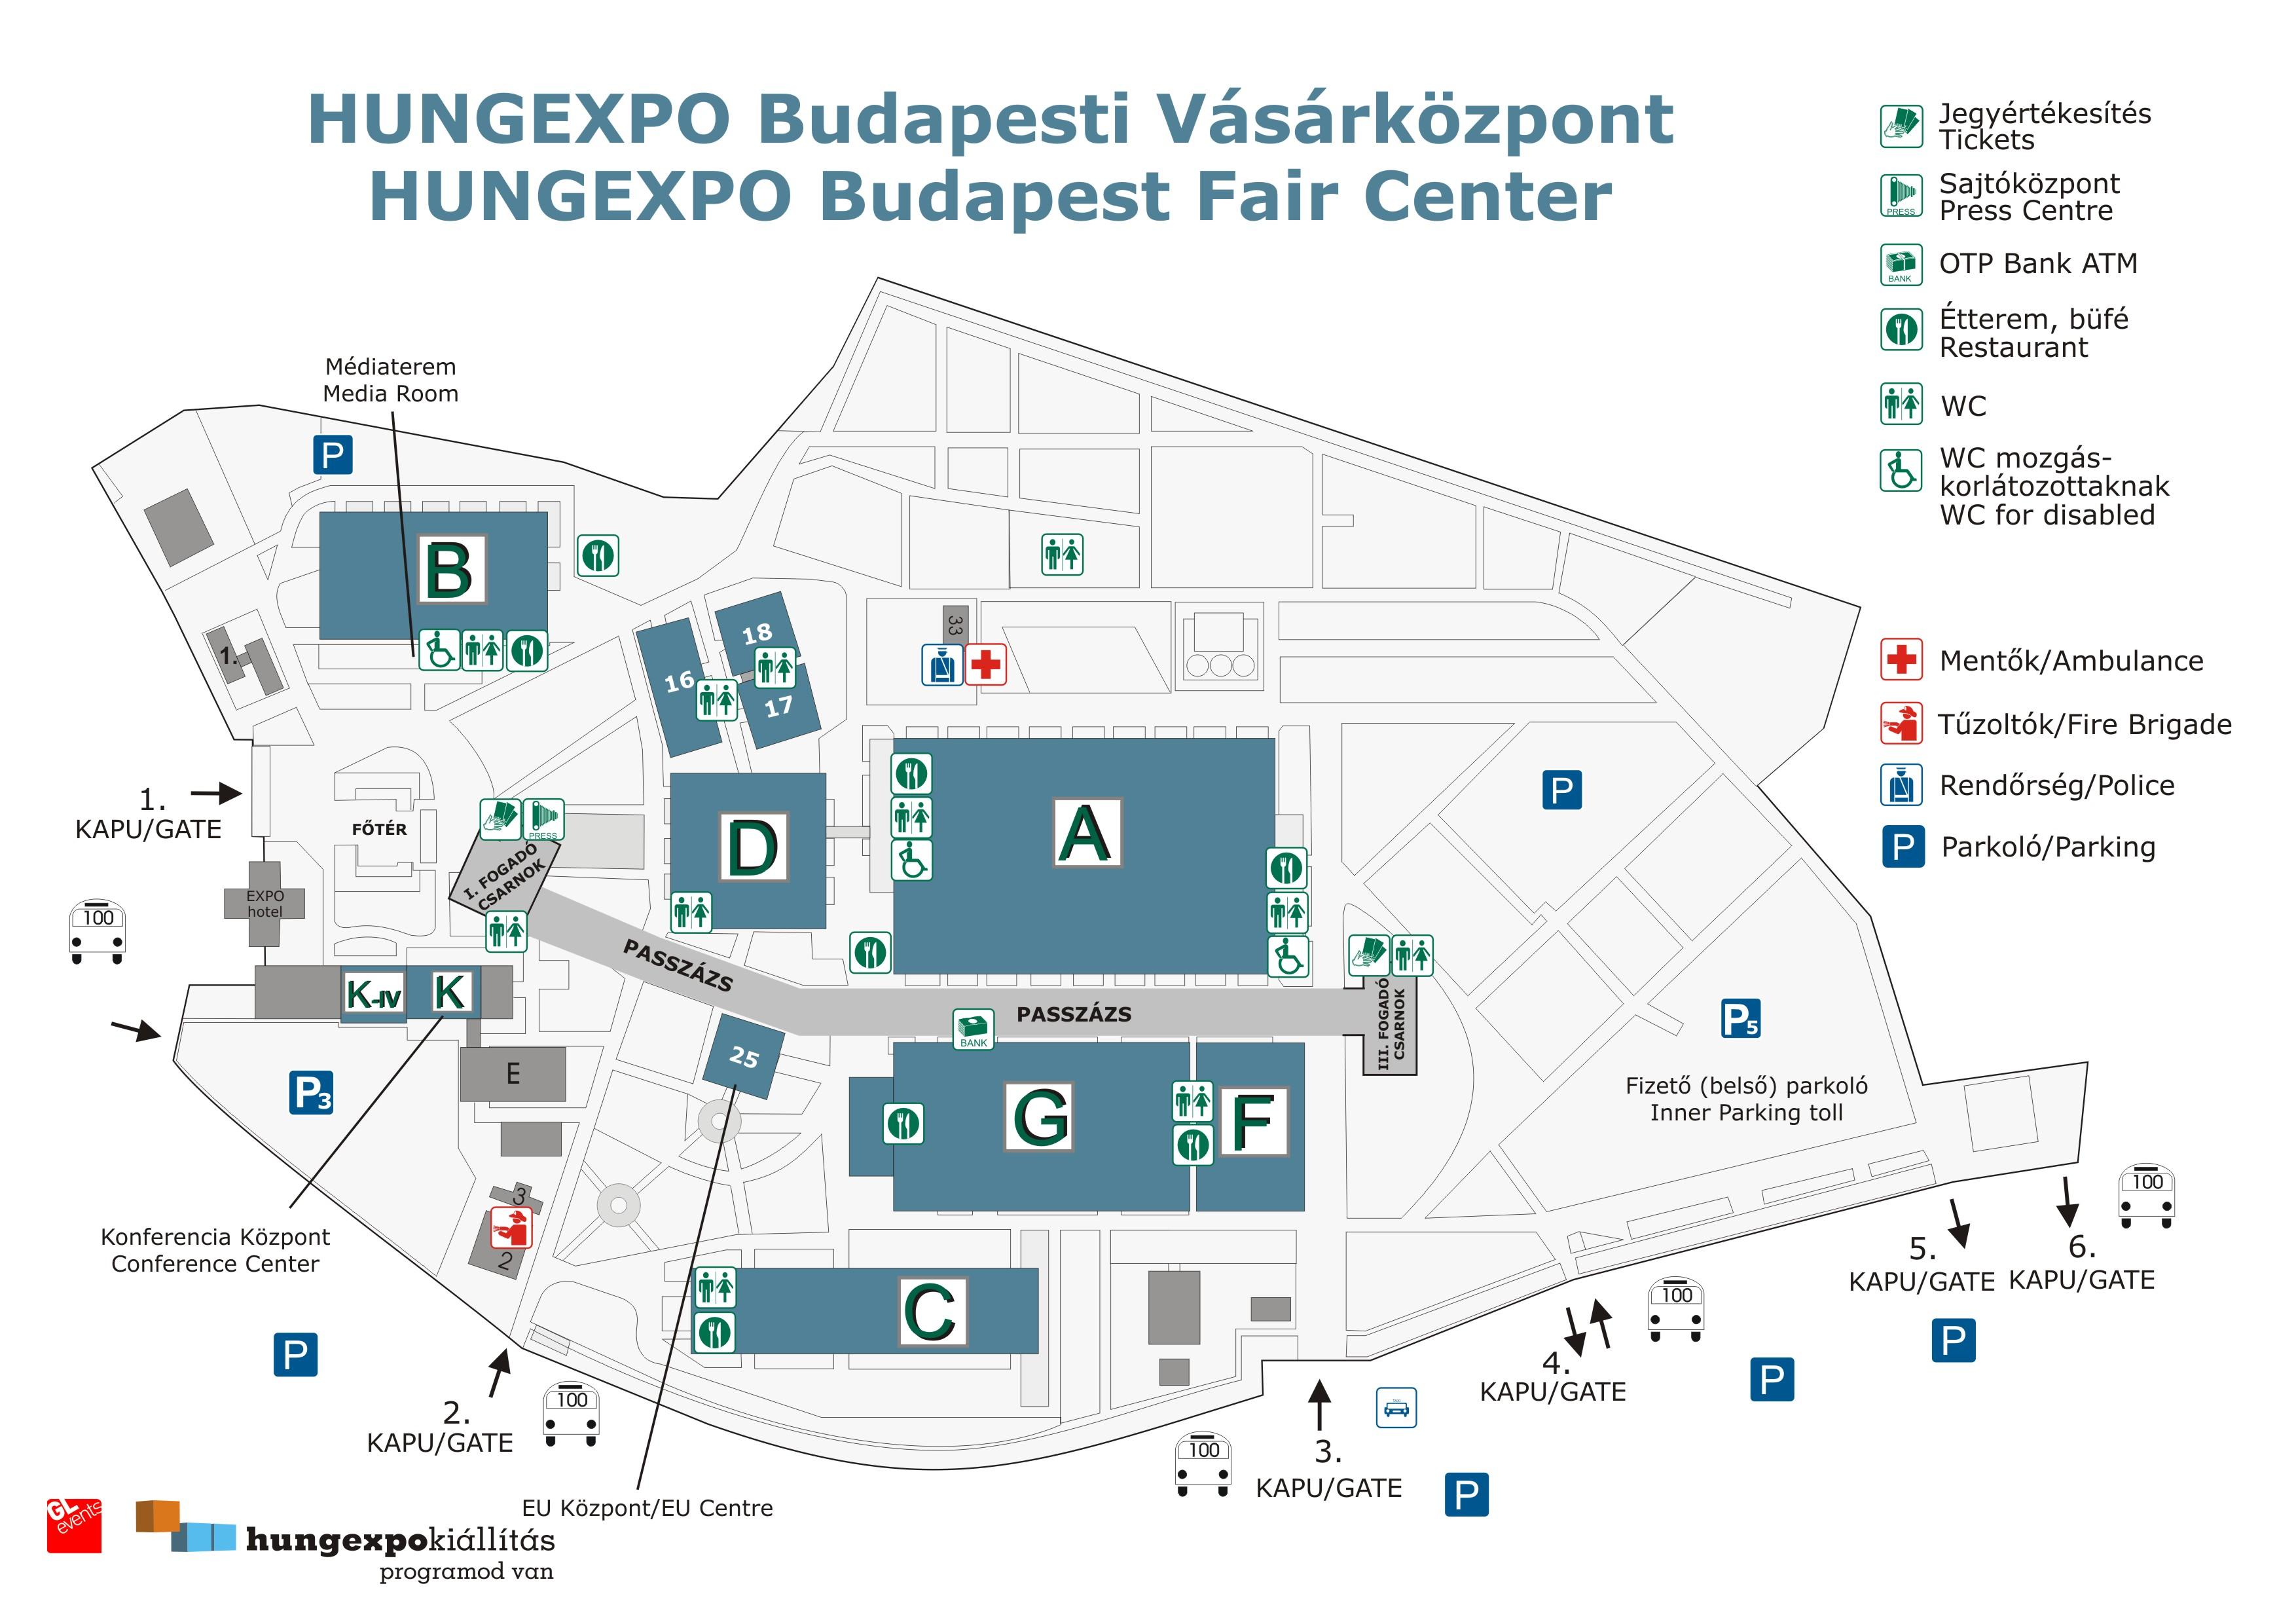 budapest térkép hungexpo Közlekedés: HUNGEXPO Budapest Vásárközpont (térkép, 2013) (kép) budapest térkép hungexpo